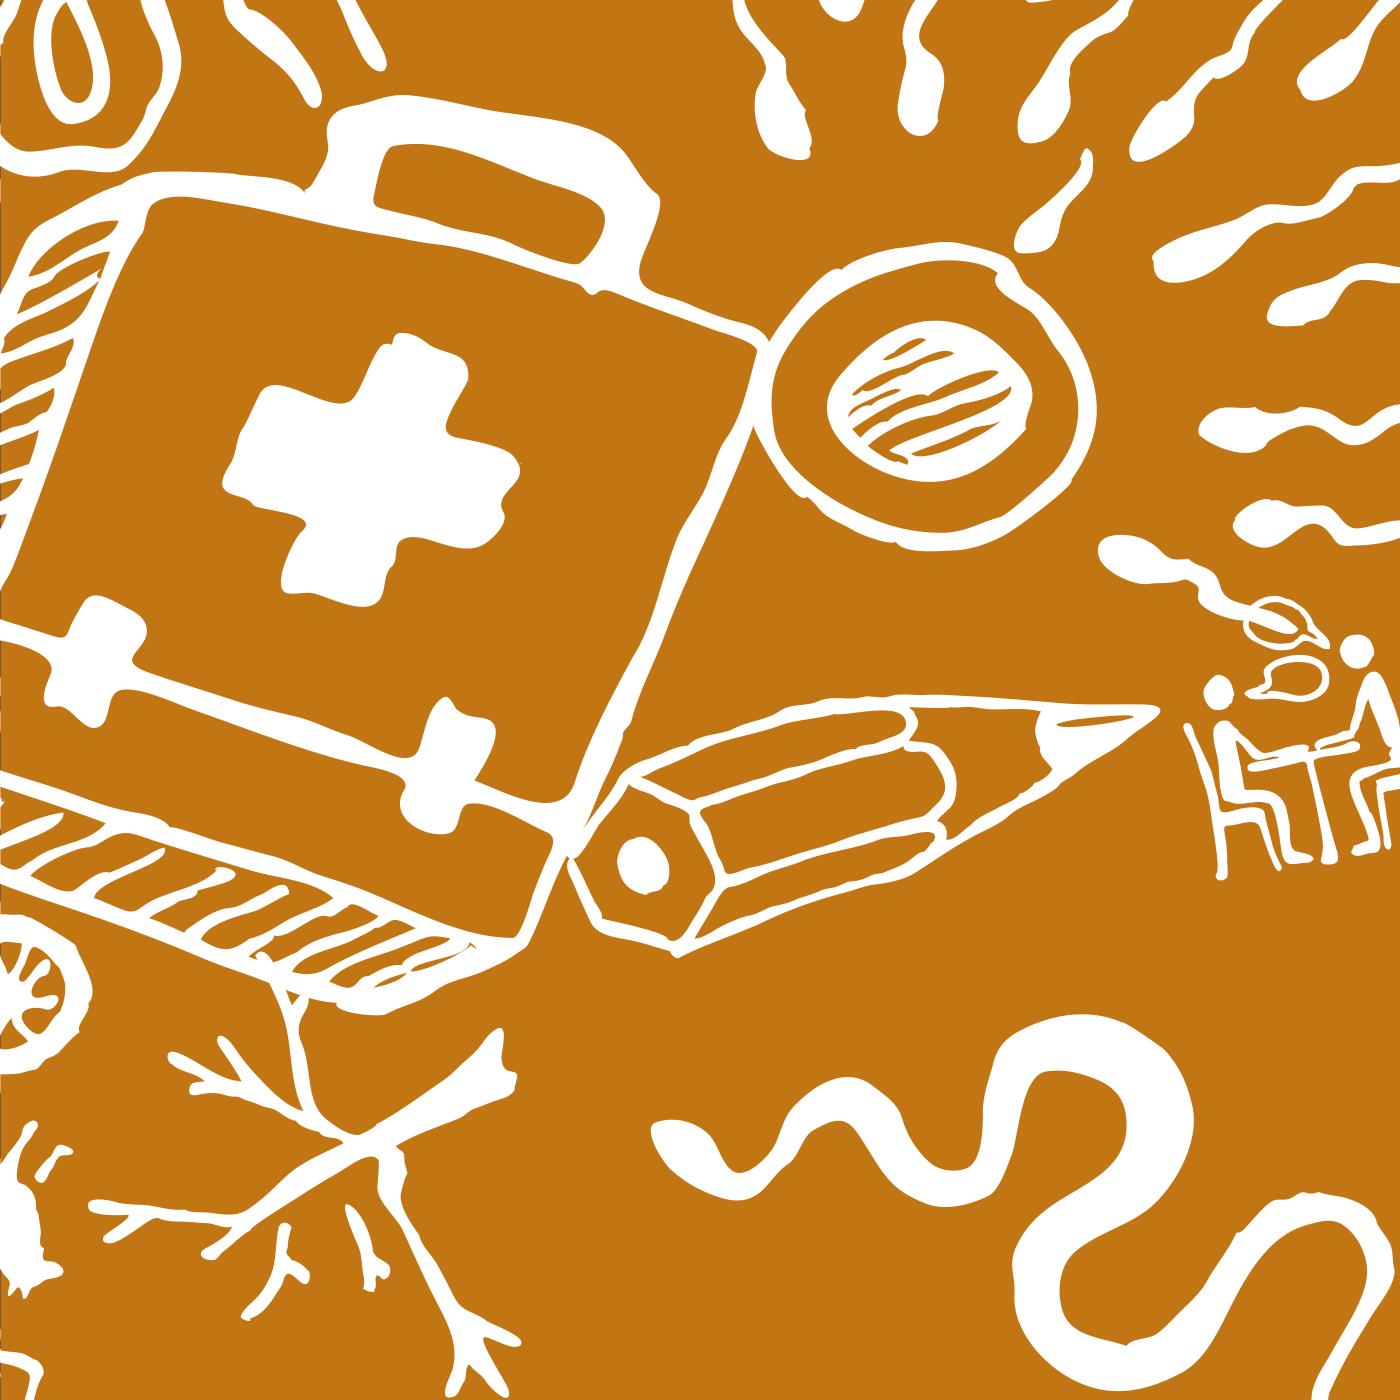 Médecine nucléaire et imagerie moléculaire (2e année BSc Med, 2015)